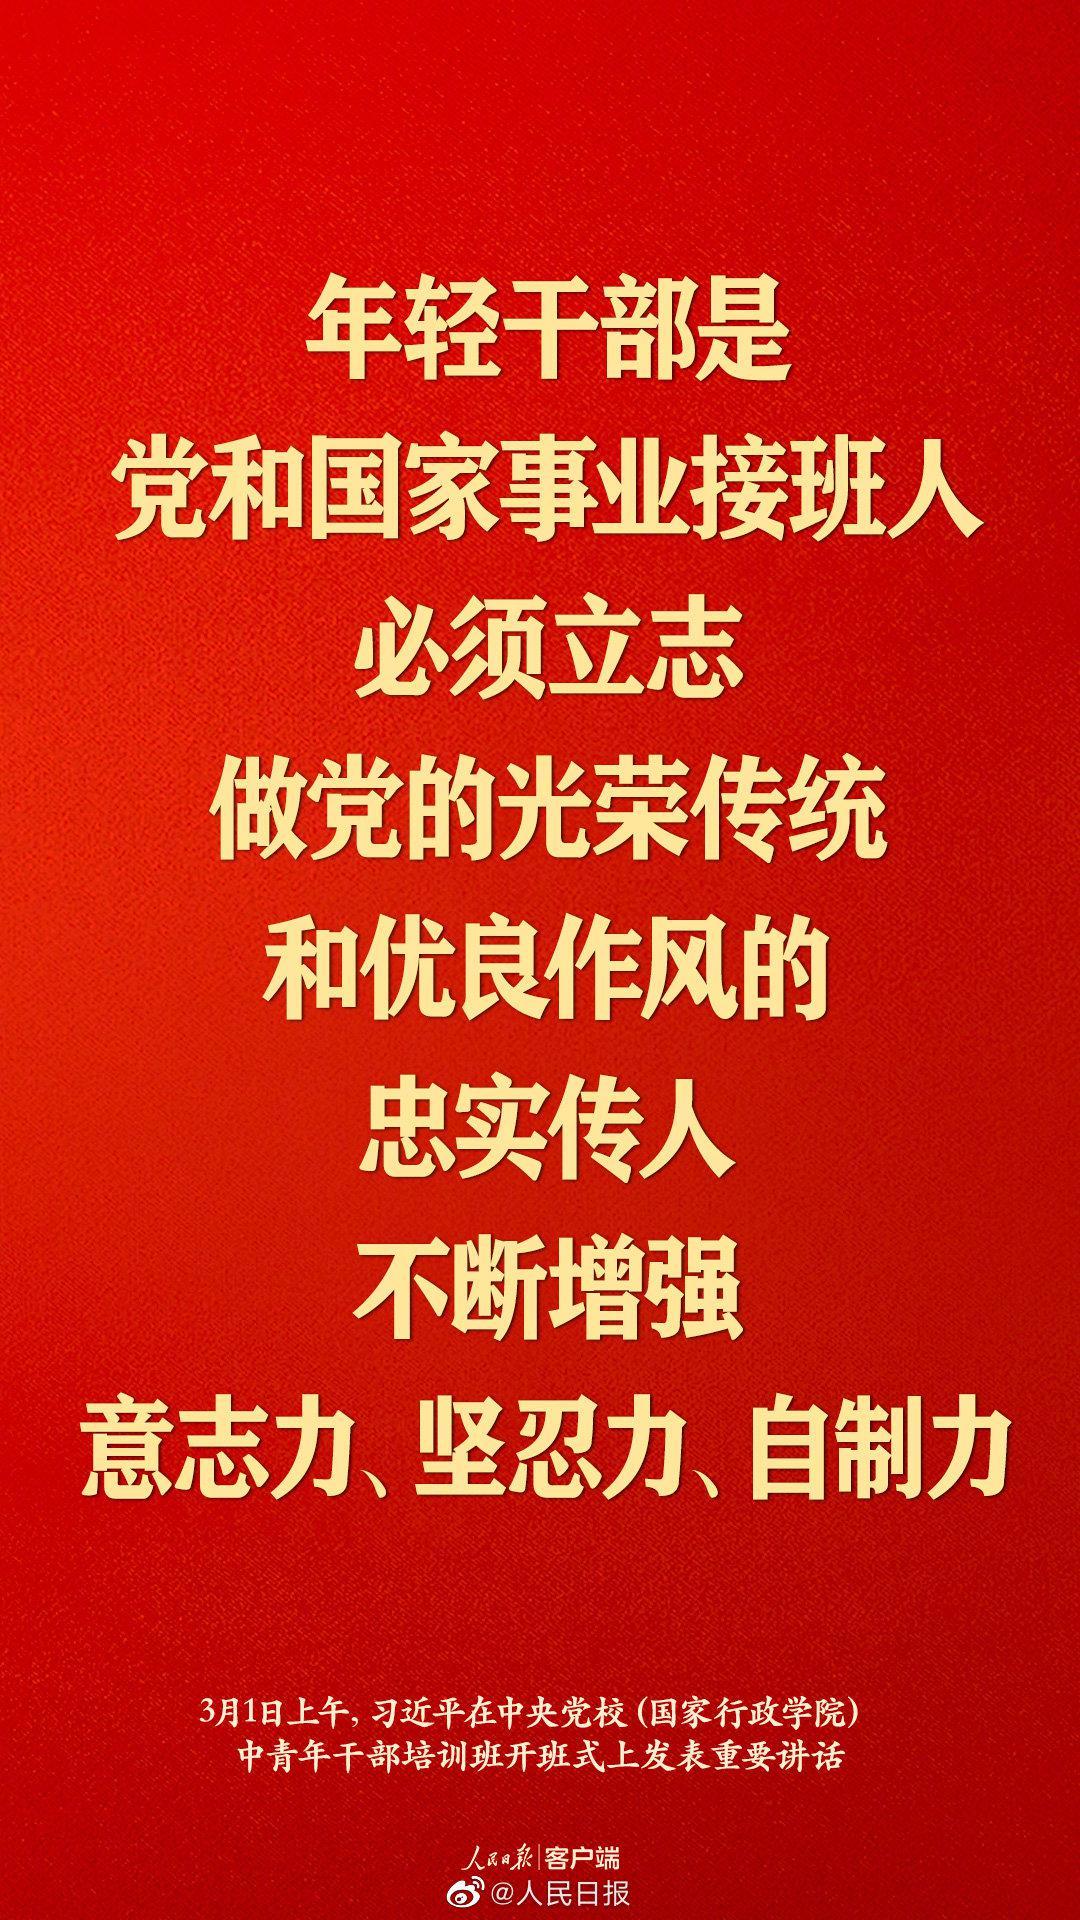 习近平:共产党的干部要坚持当老百姓的官